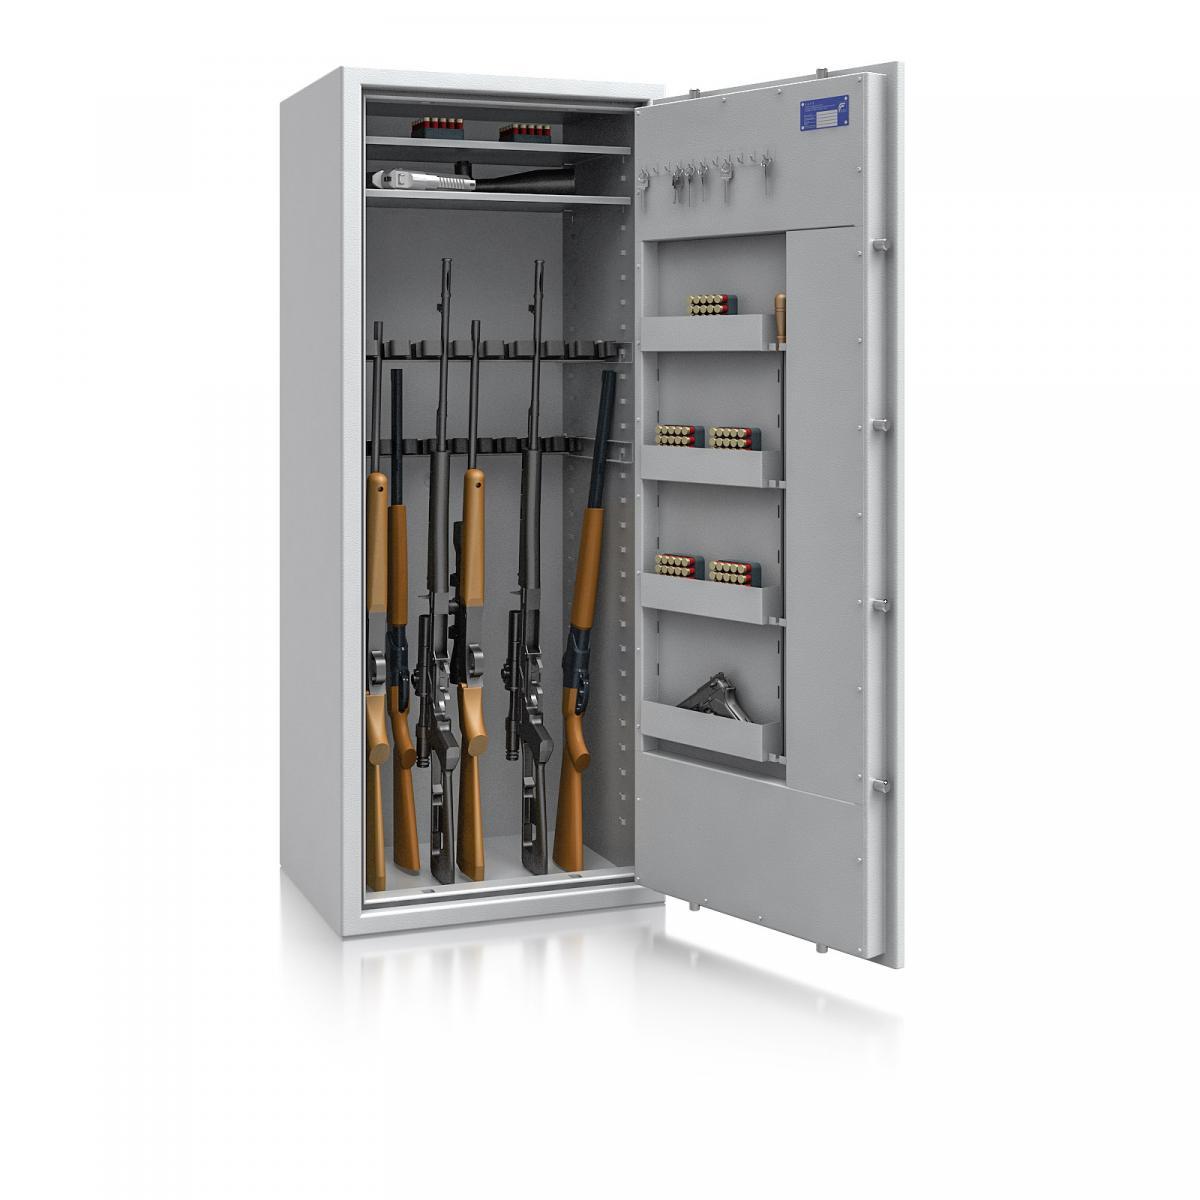 Waffenschrank St. Gallen WF MAX 4 - 1600x655x500 / 237kg 56469 / Klasse I / RAL7035 / Schlüssel / DIN R